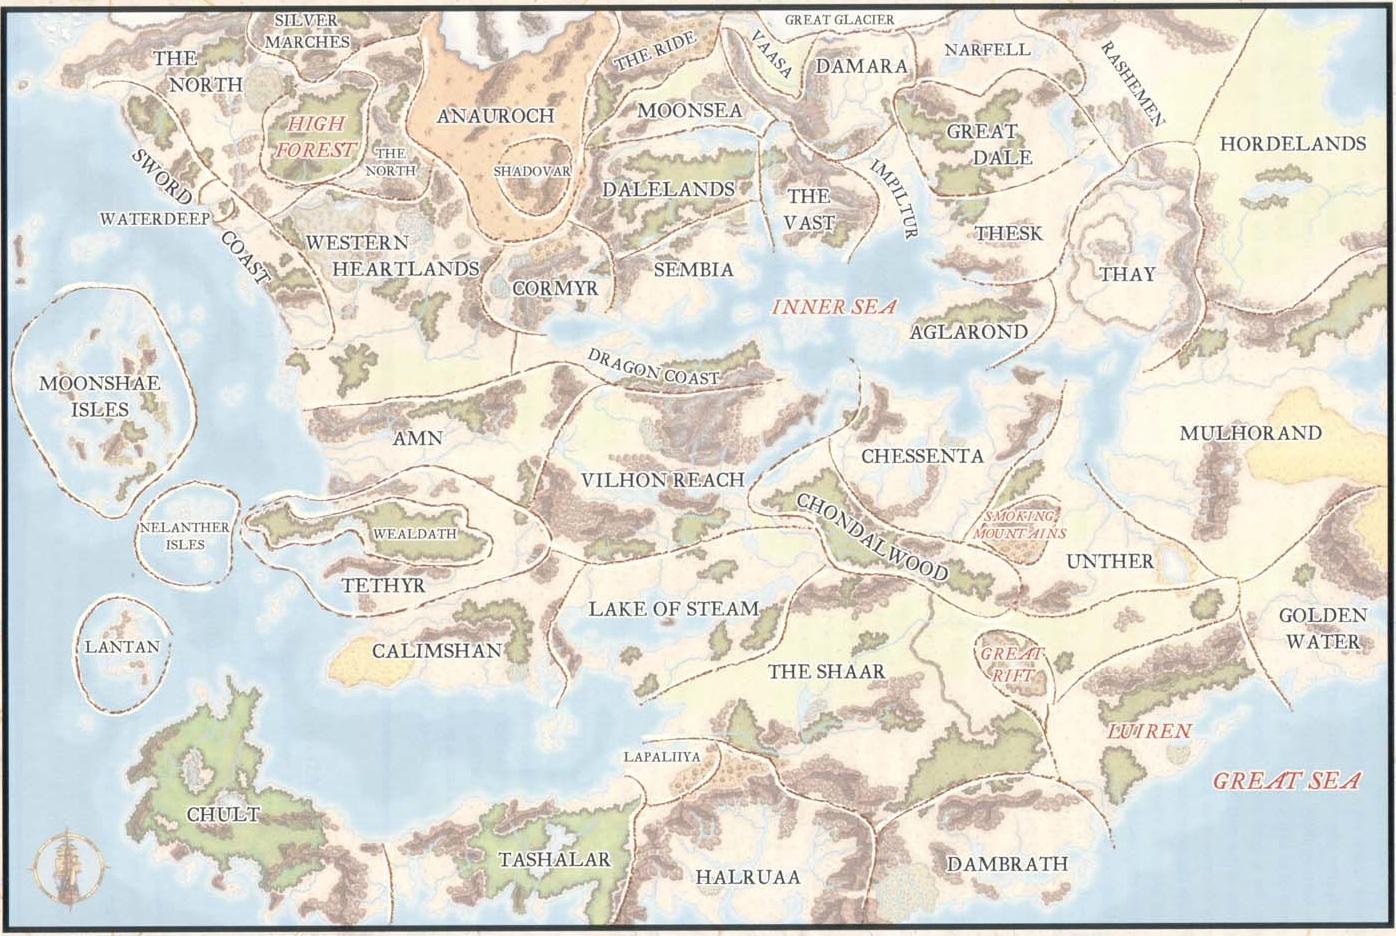 Forgotten realms regions